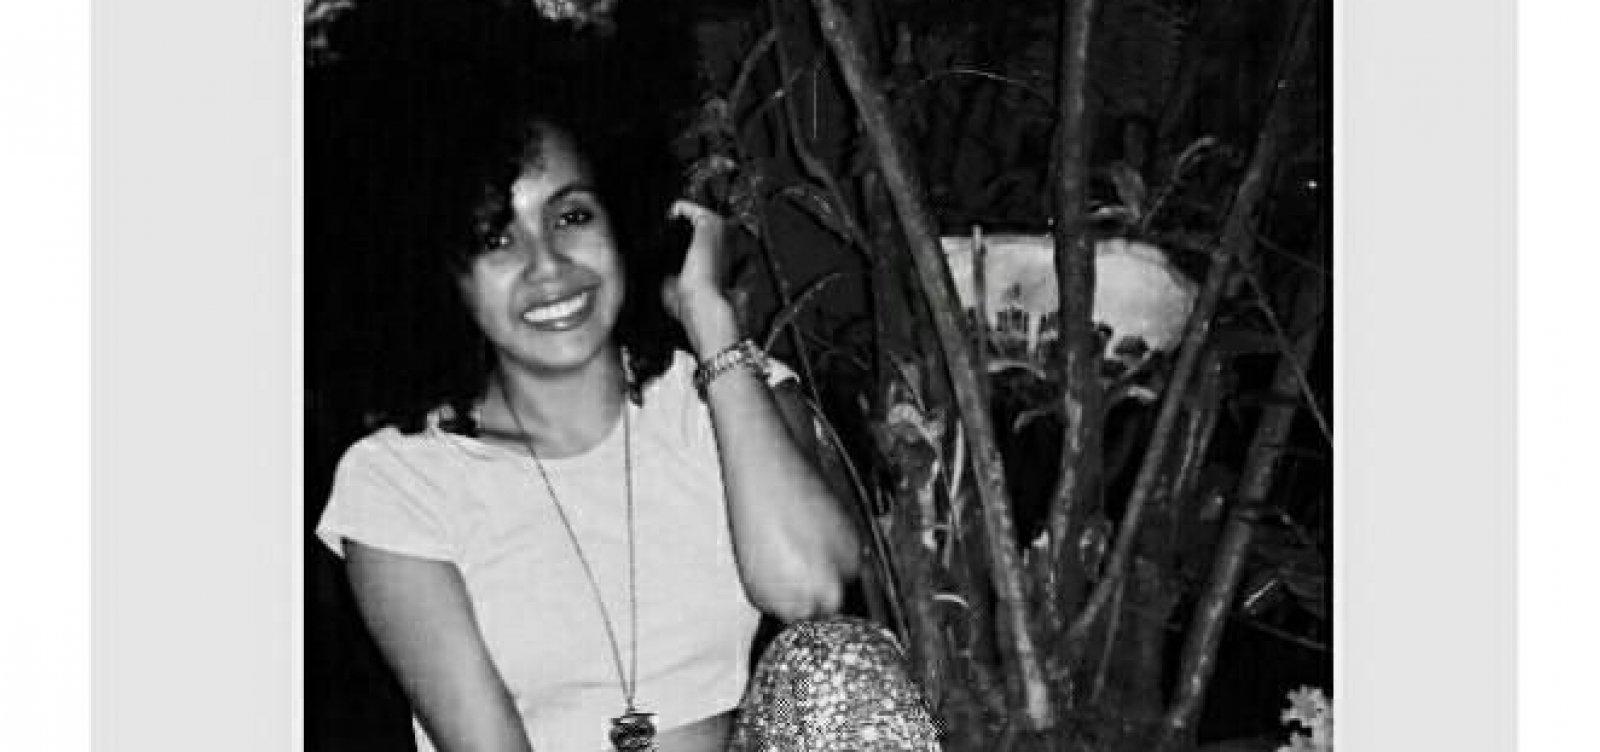 Estudante da UFRB é morta a tiros; universidade decreta luto